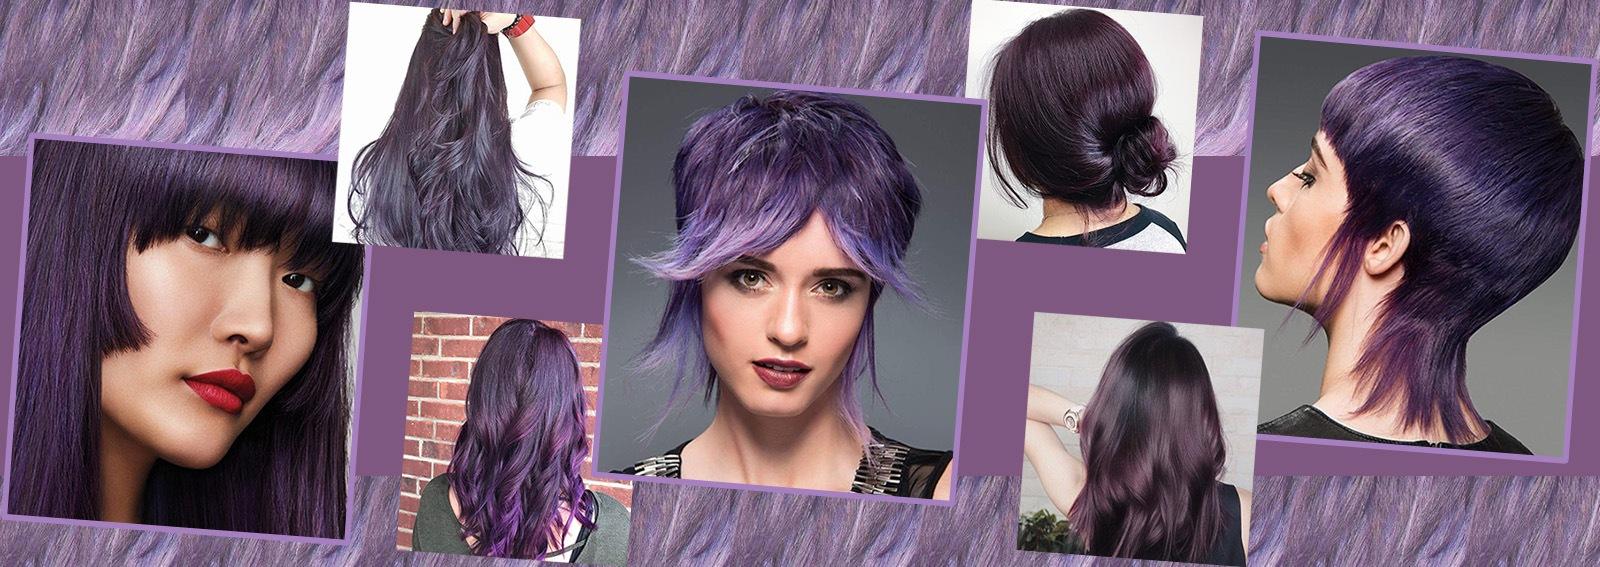 capelli viola scuro collage_desktop